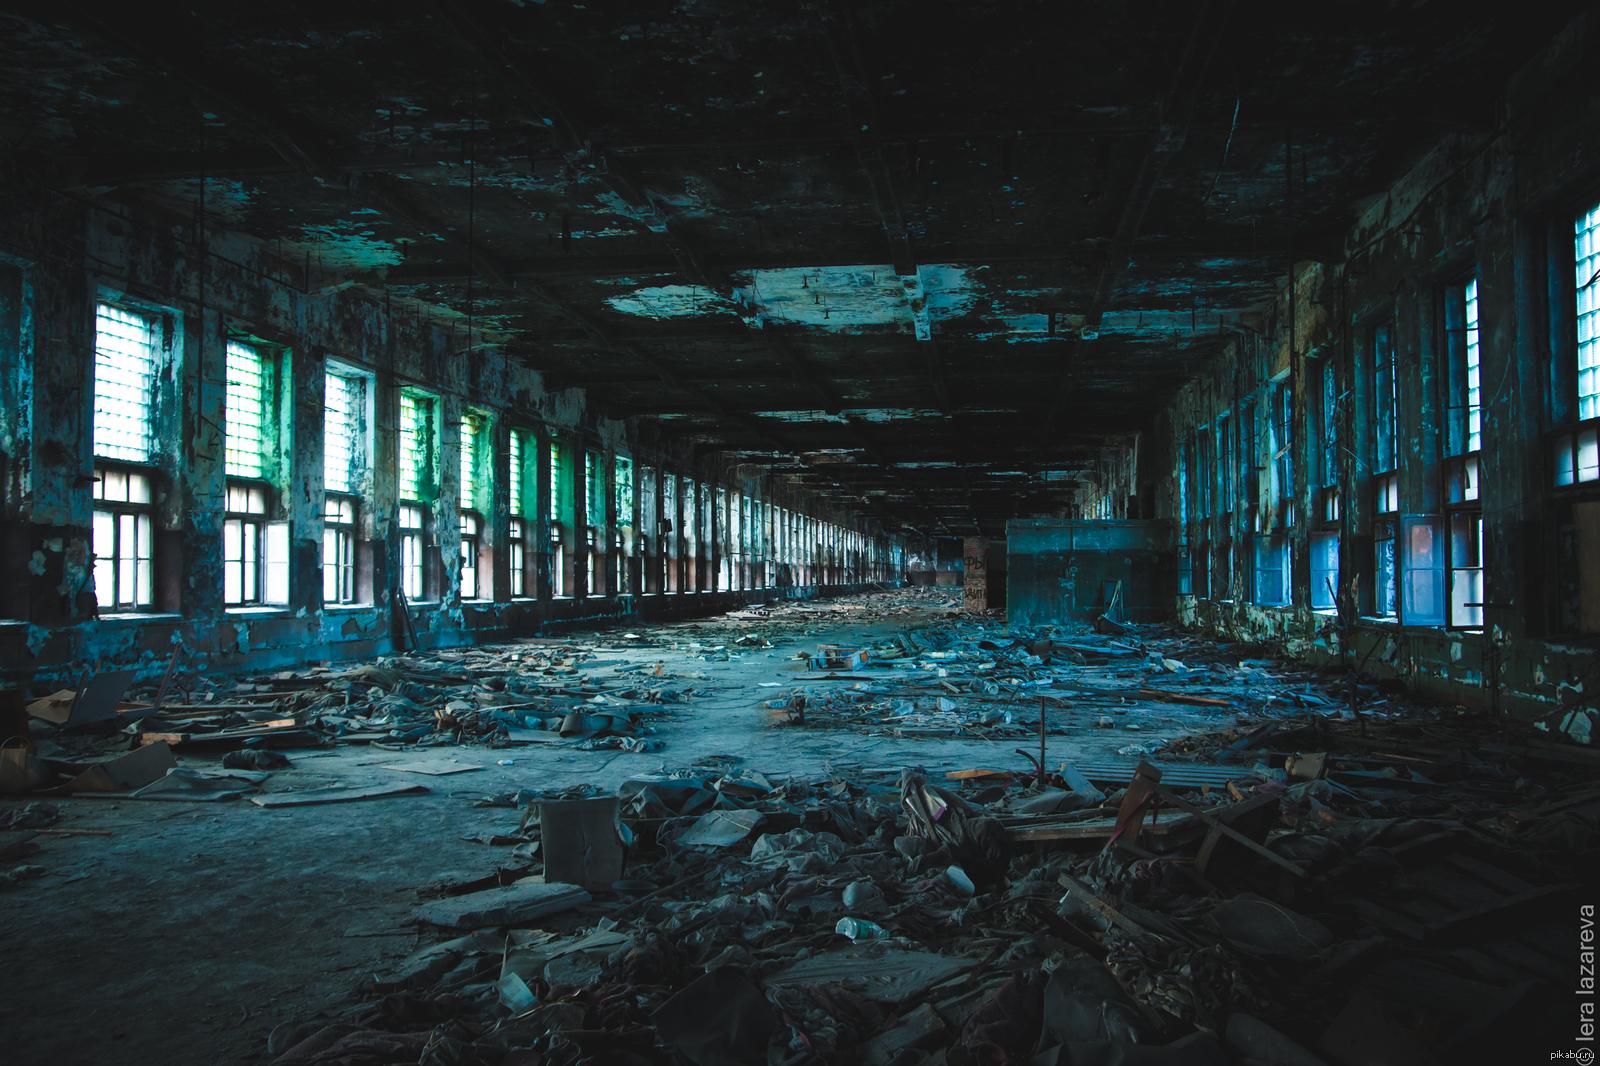 картинки заброшенного завода в городе армавир только каких сочетаниях